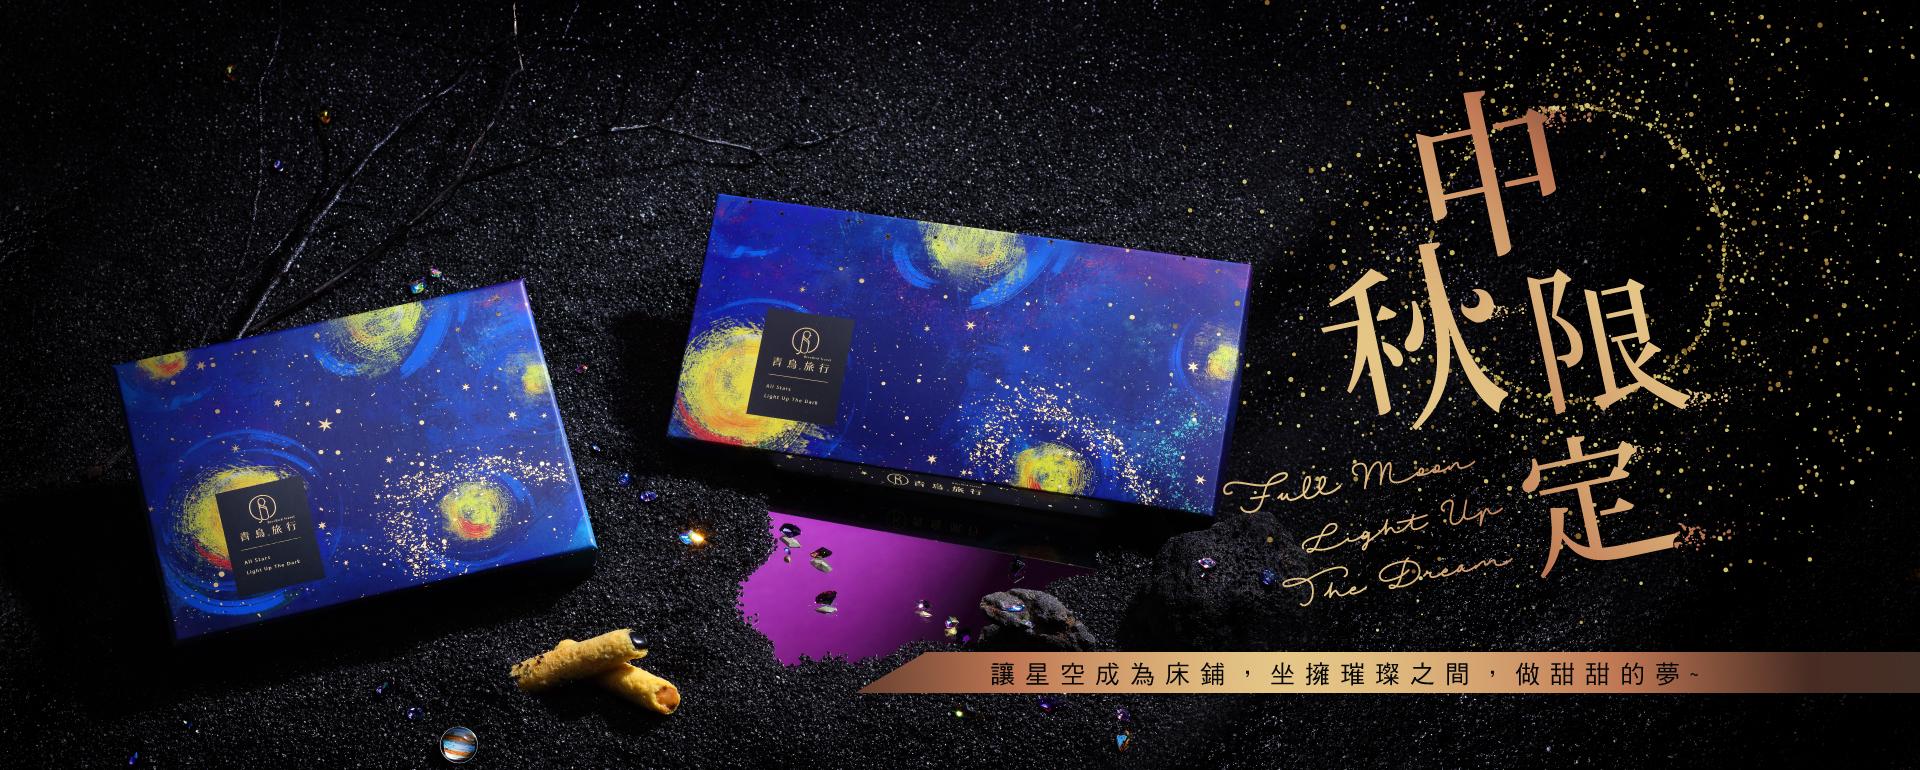 中秋禮盒推薦 - 青鳥旅行中秋限定禮盒